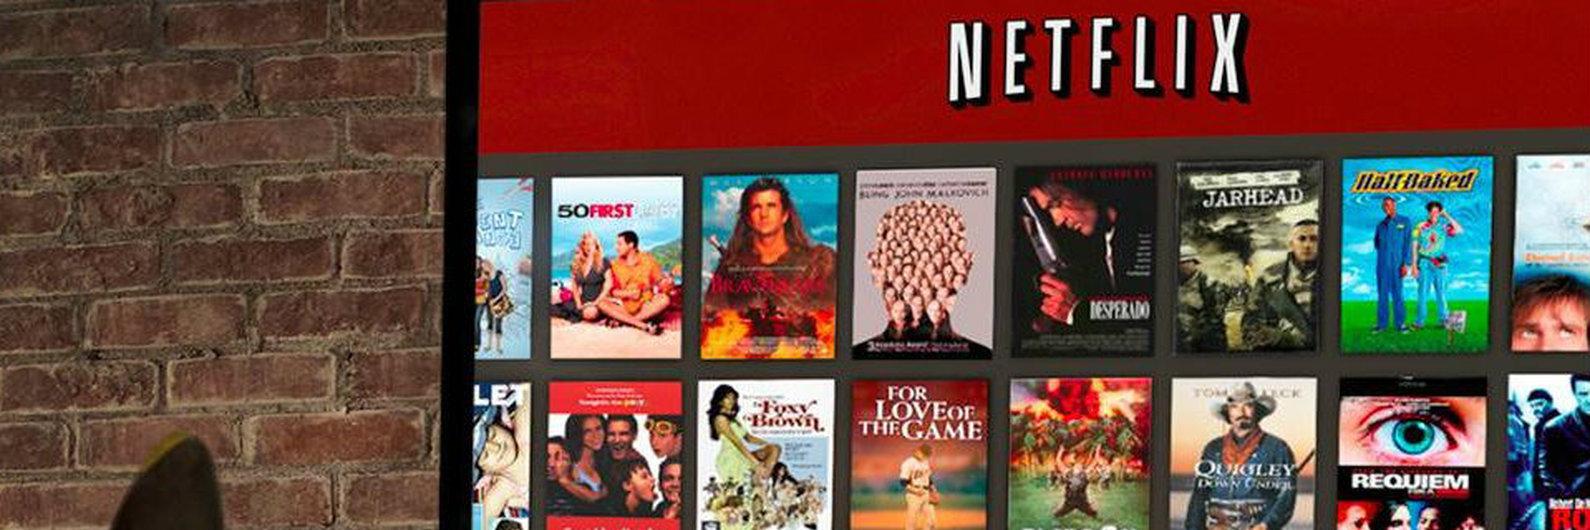 Hacker cumpre promessa e publica nova temporada da série da Netflix